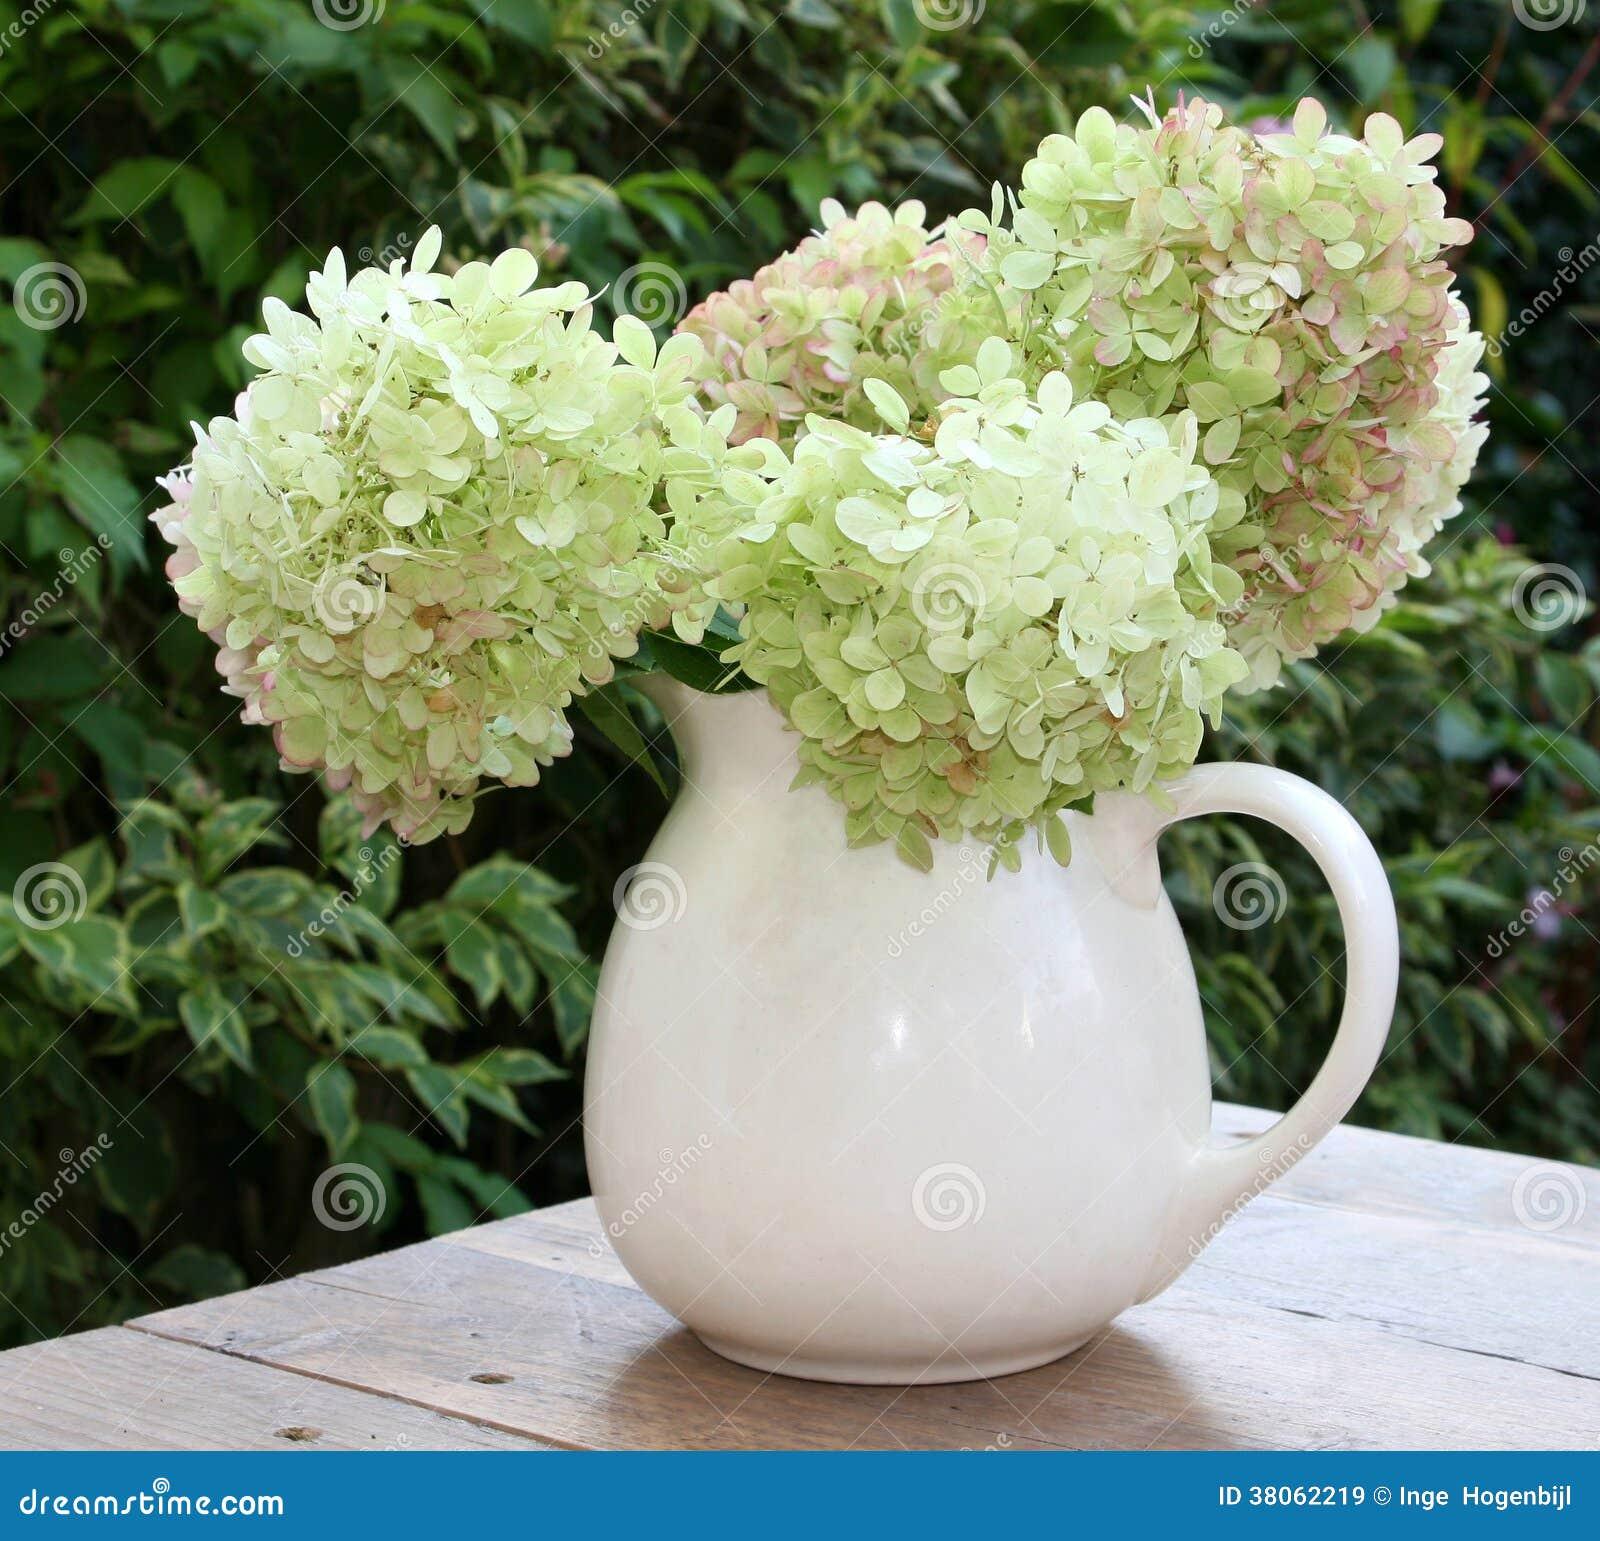 le vase avec un bouquet de hortensia frais fleurit du jardin image stock image 38062219. Black Bedroom Furniture Sets. Home Design Ideas